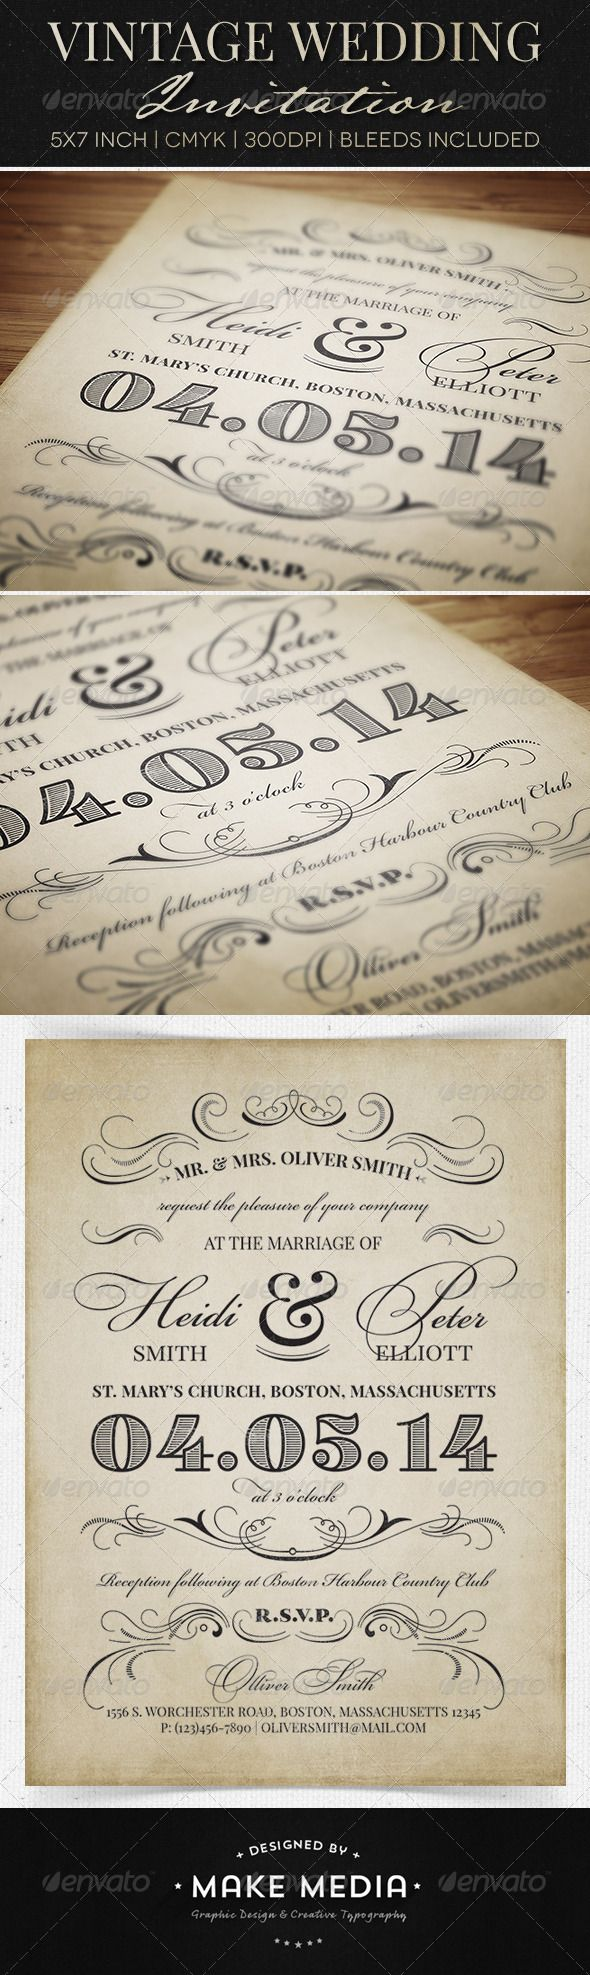 Vintage Wedding Invitation | Vintage wedding invitations, Vintage ...